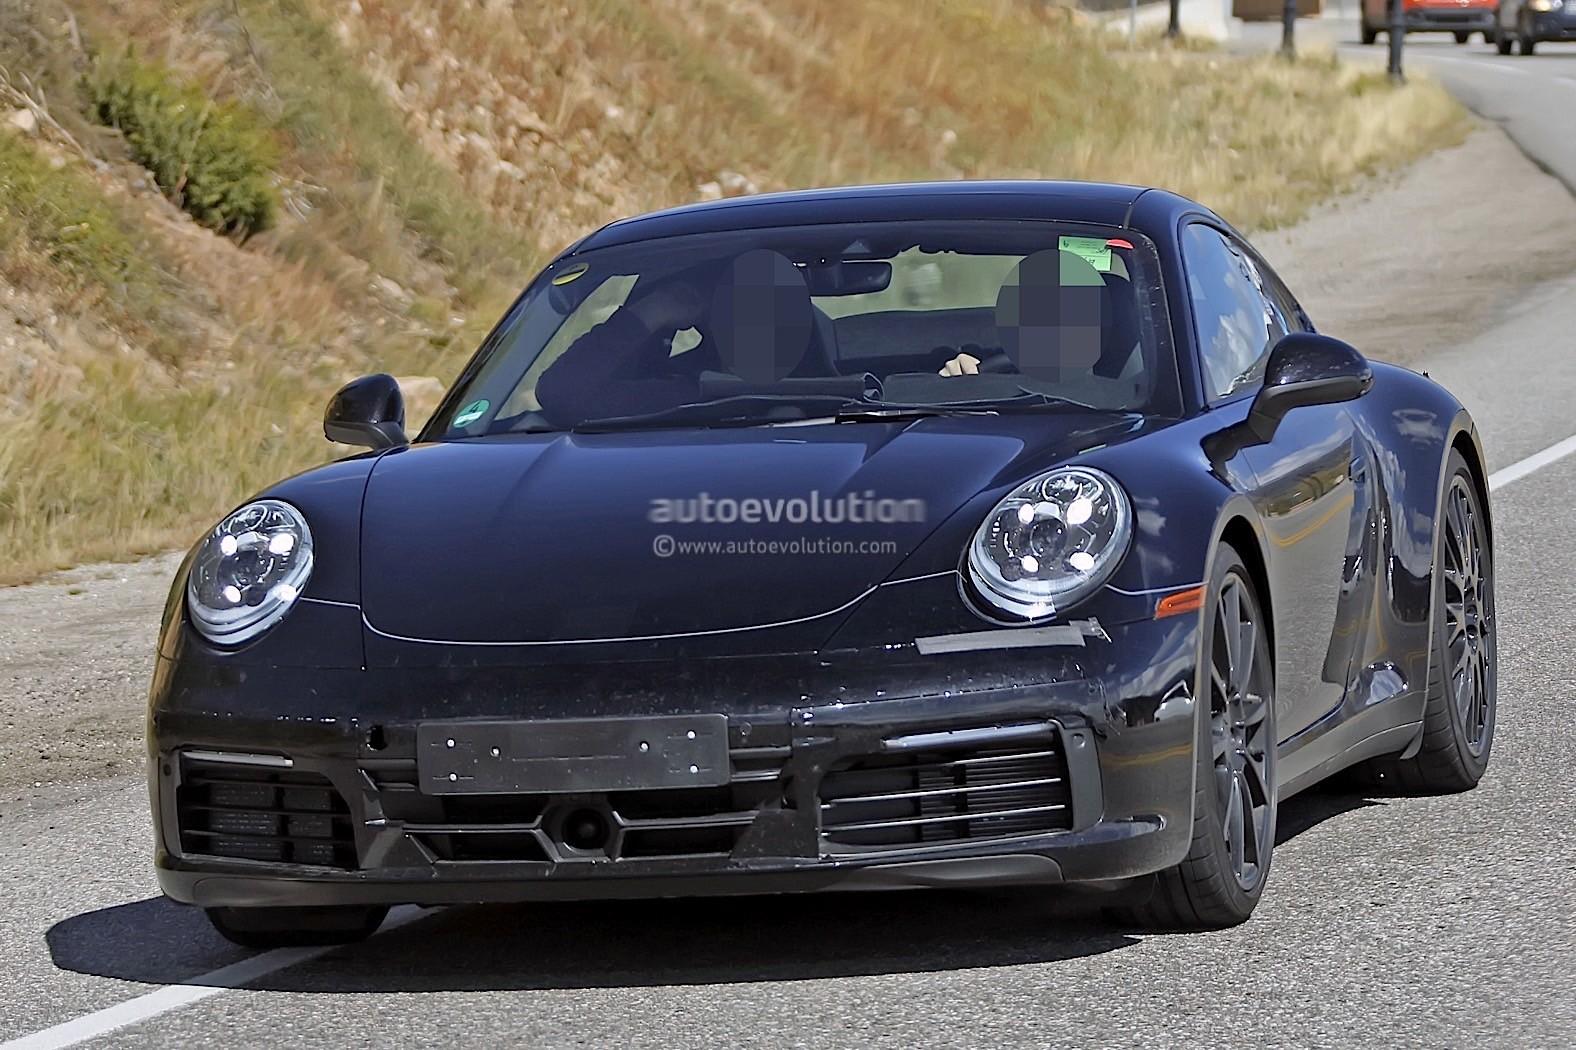 Spyshots 2019 Porsche 911 Reveals Digital Dashboard With